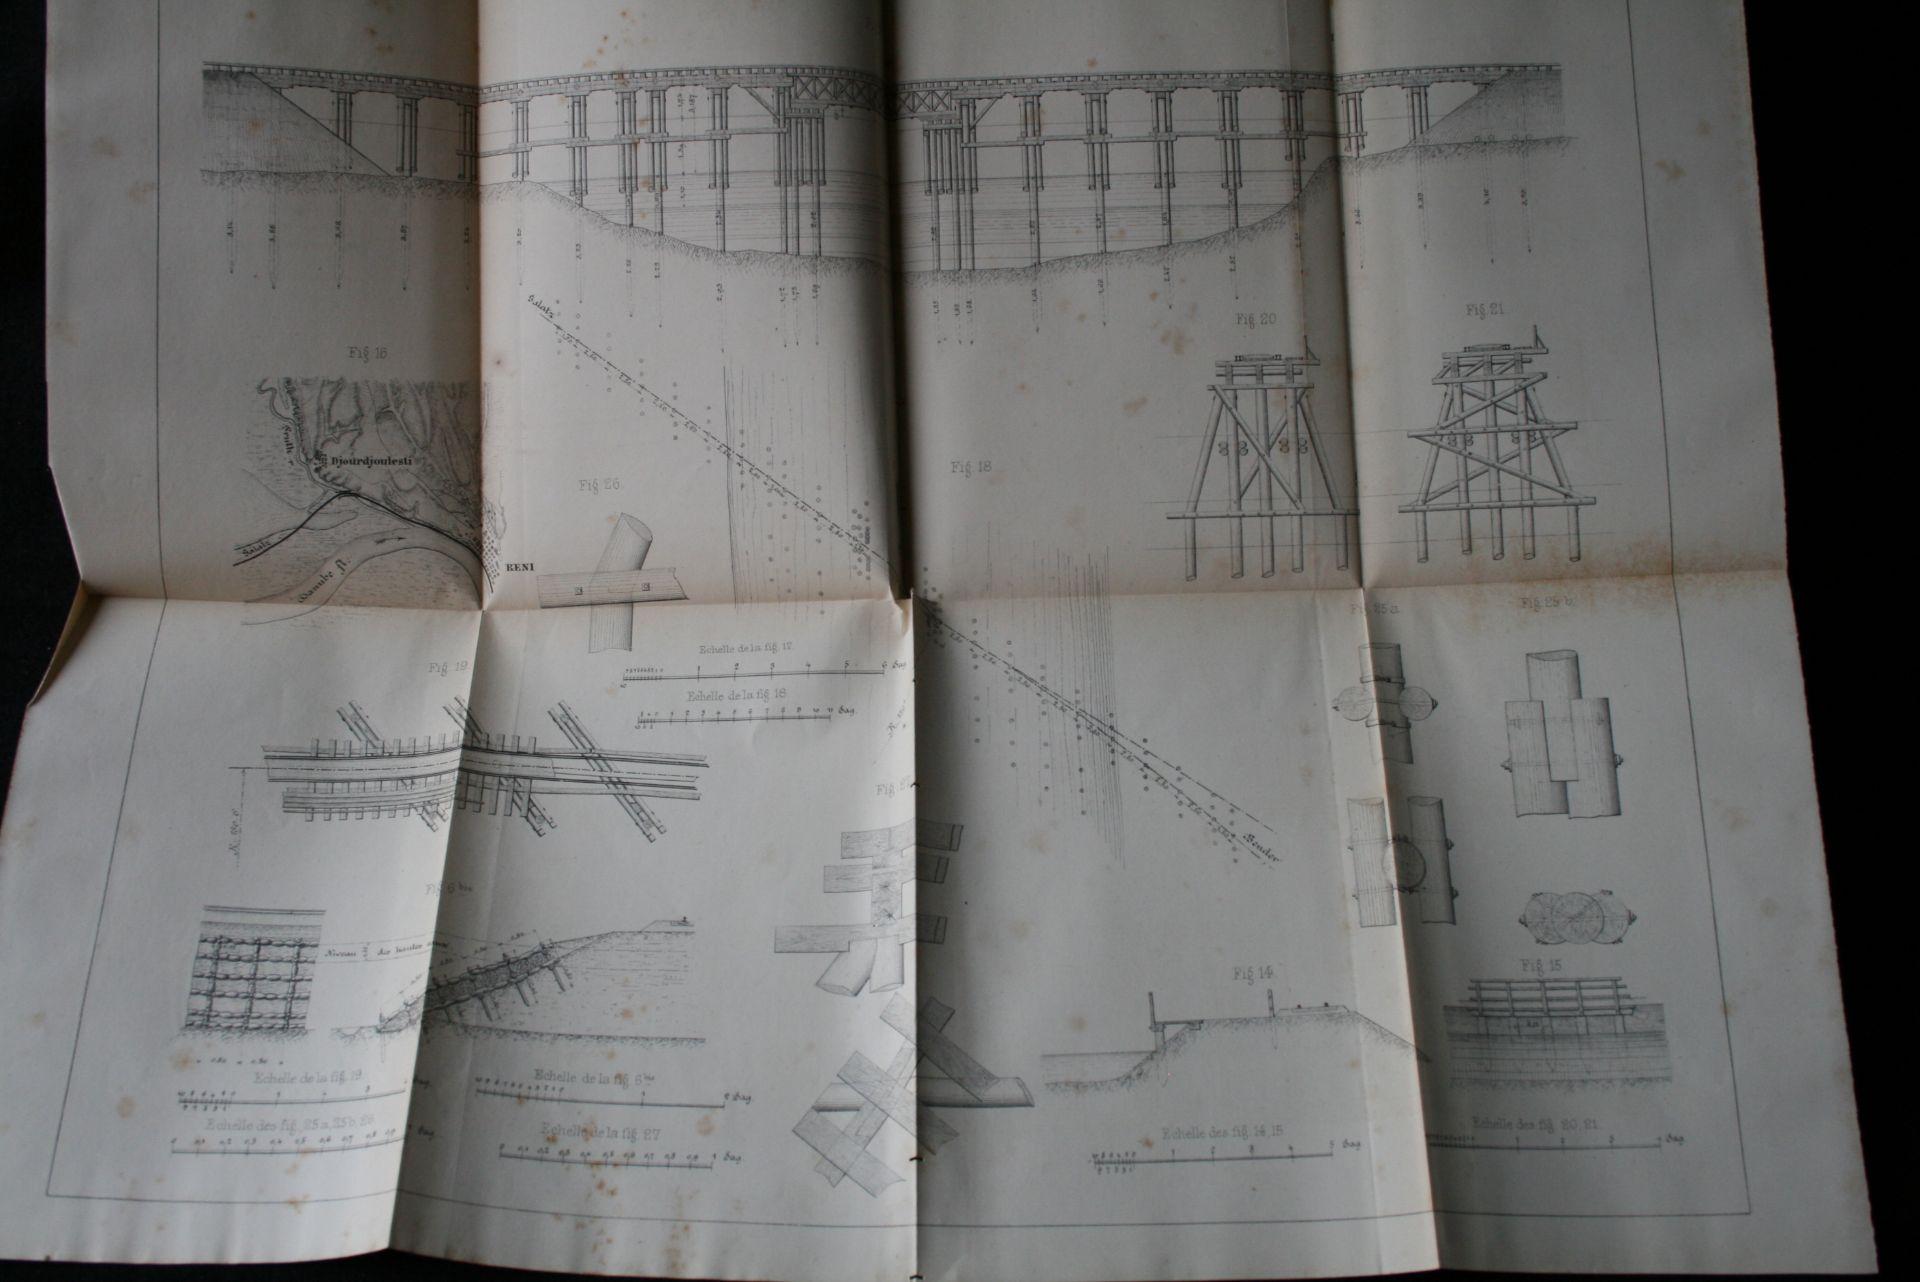 P. LESSAR : De la construction des chemins de fer en temps de guerre. Lignes [...] - Bild 3 aus 4